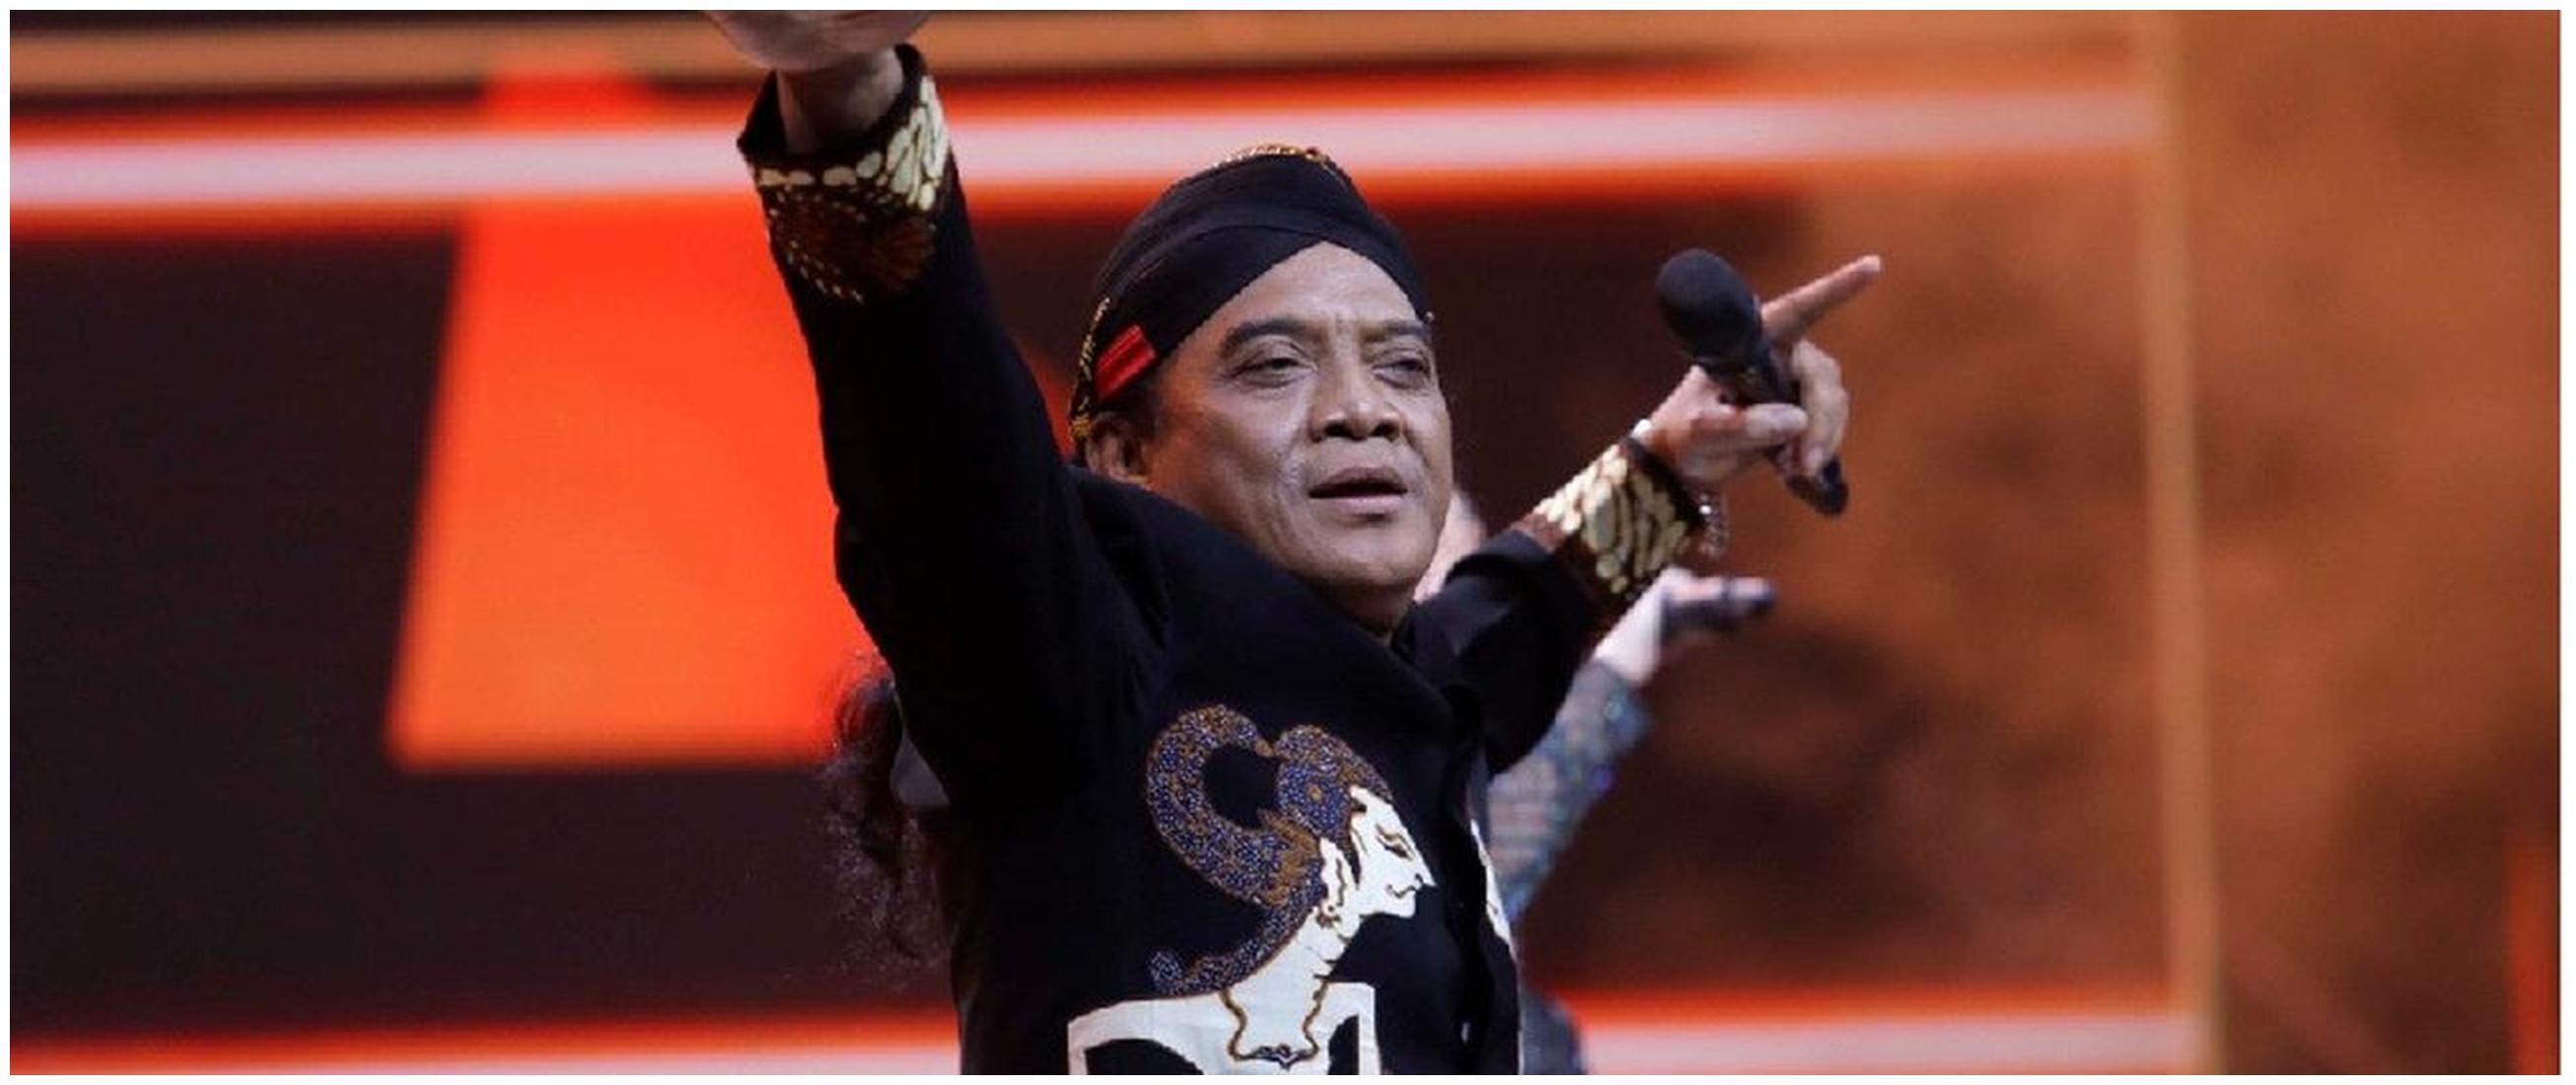 Mengenang Didi Kempot, penyanyi Indonesia terpopuler di Suriname